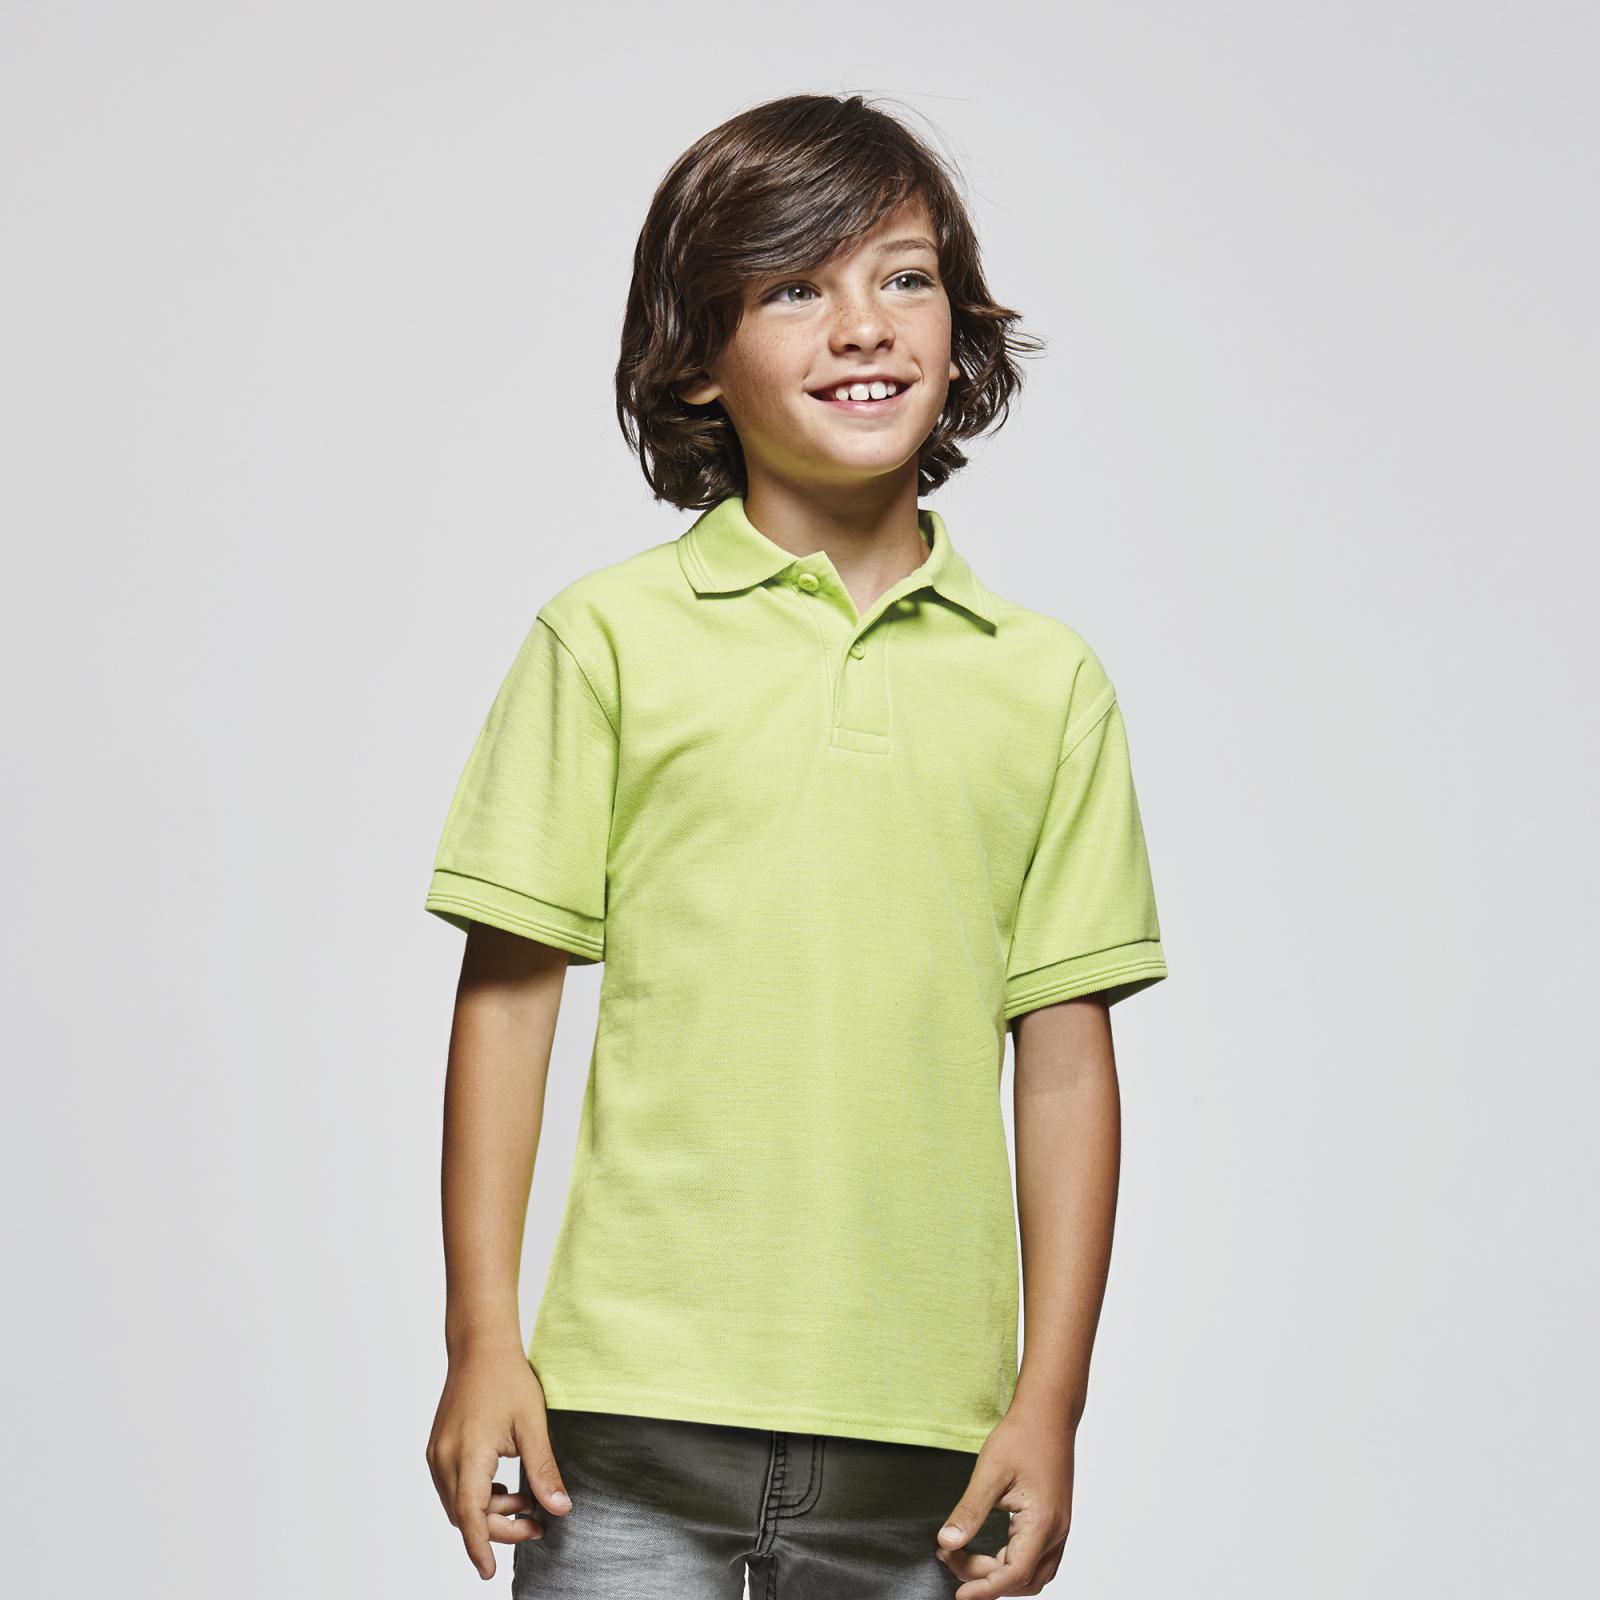 POLO PEGASO CHILD